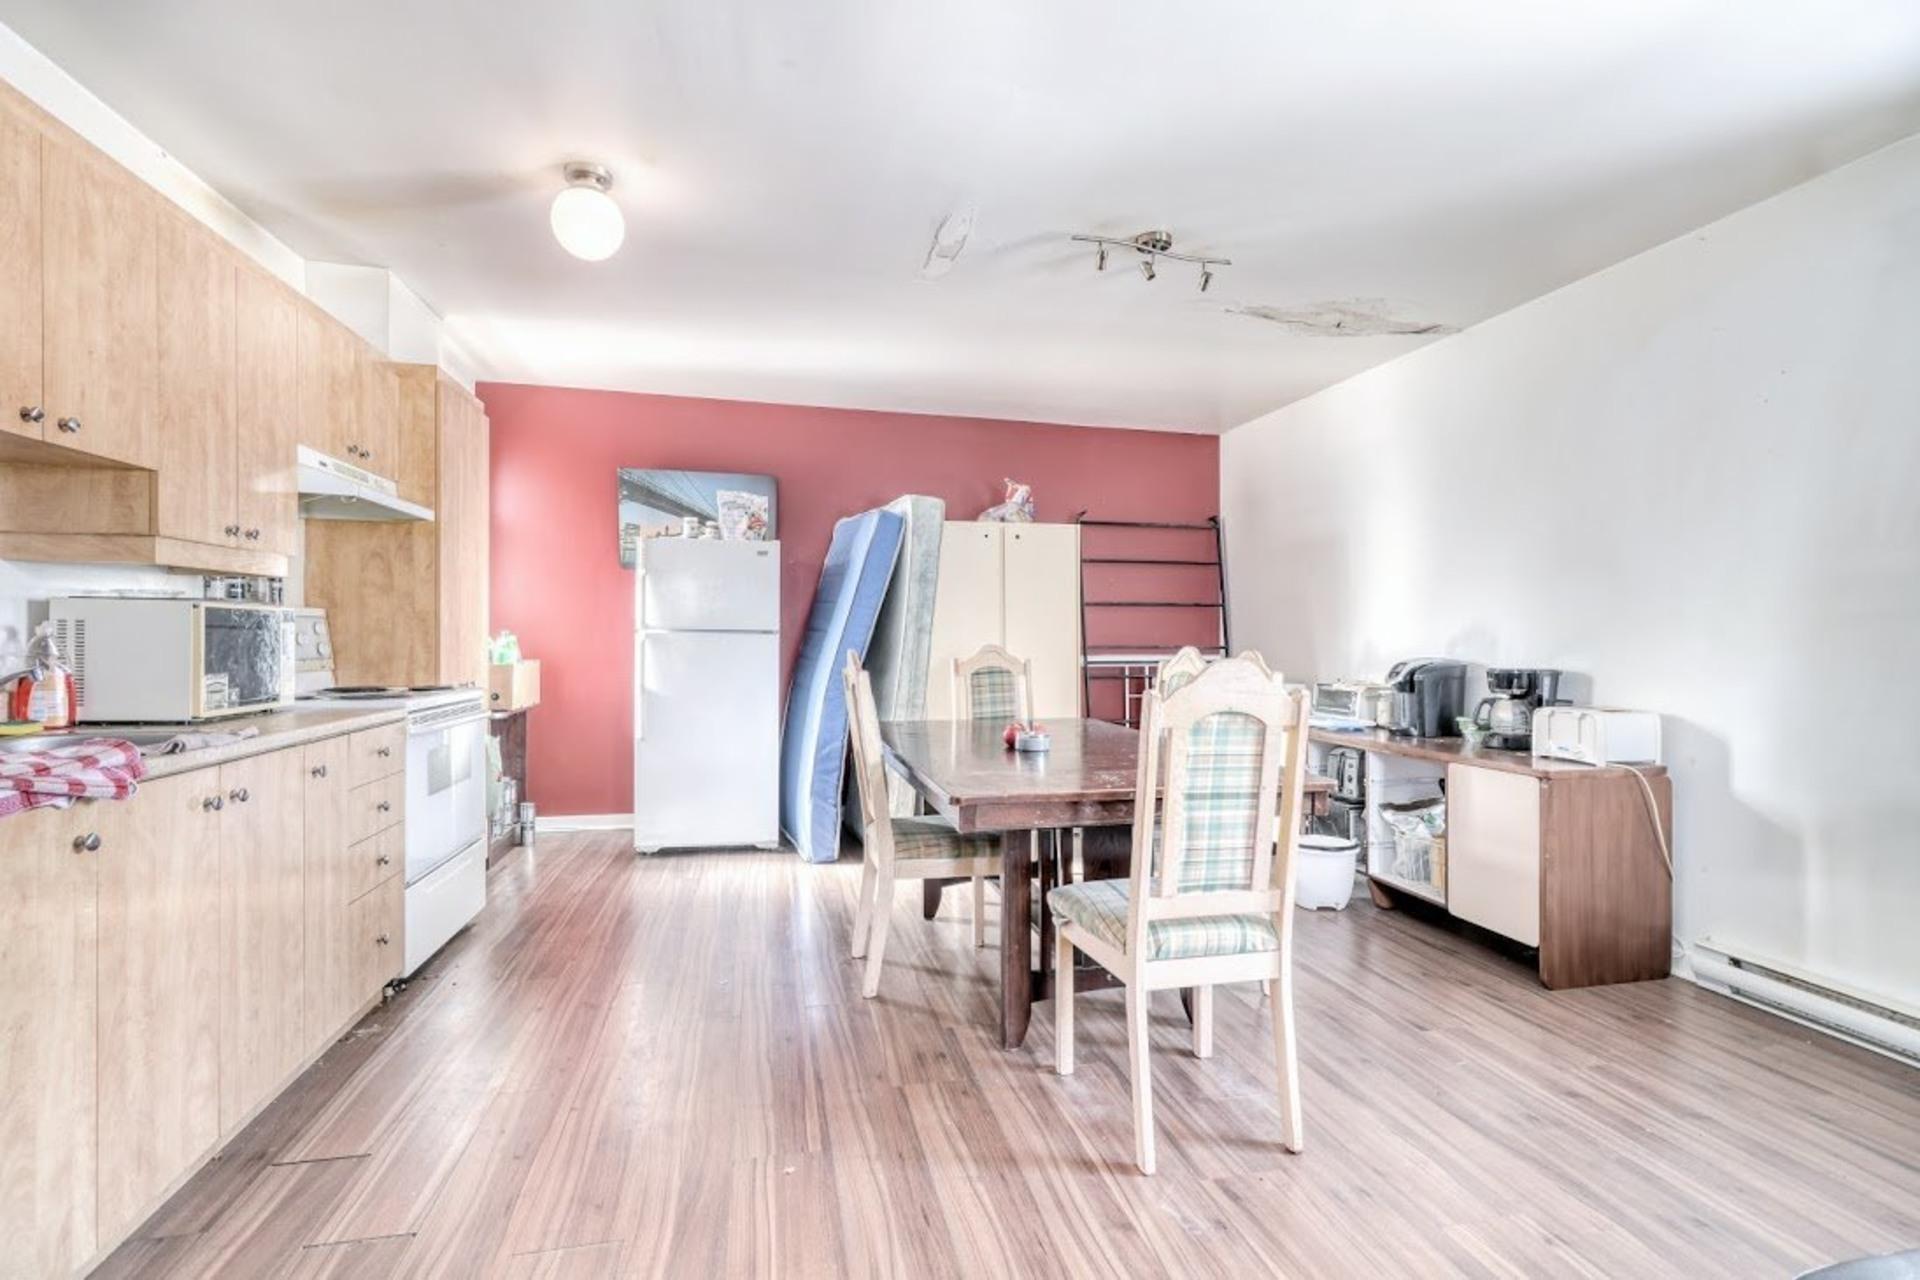 image 13 - House For sale Joliette